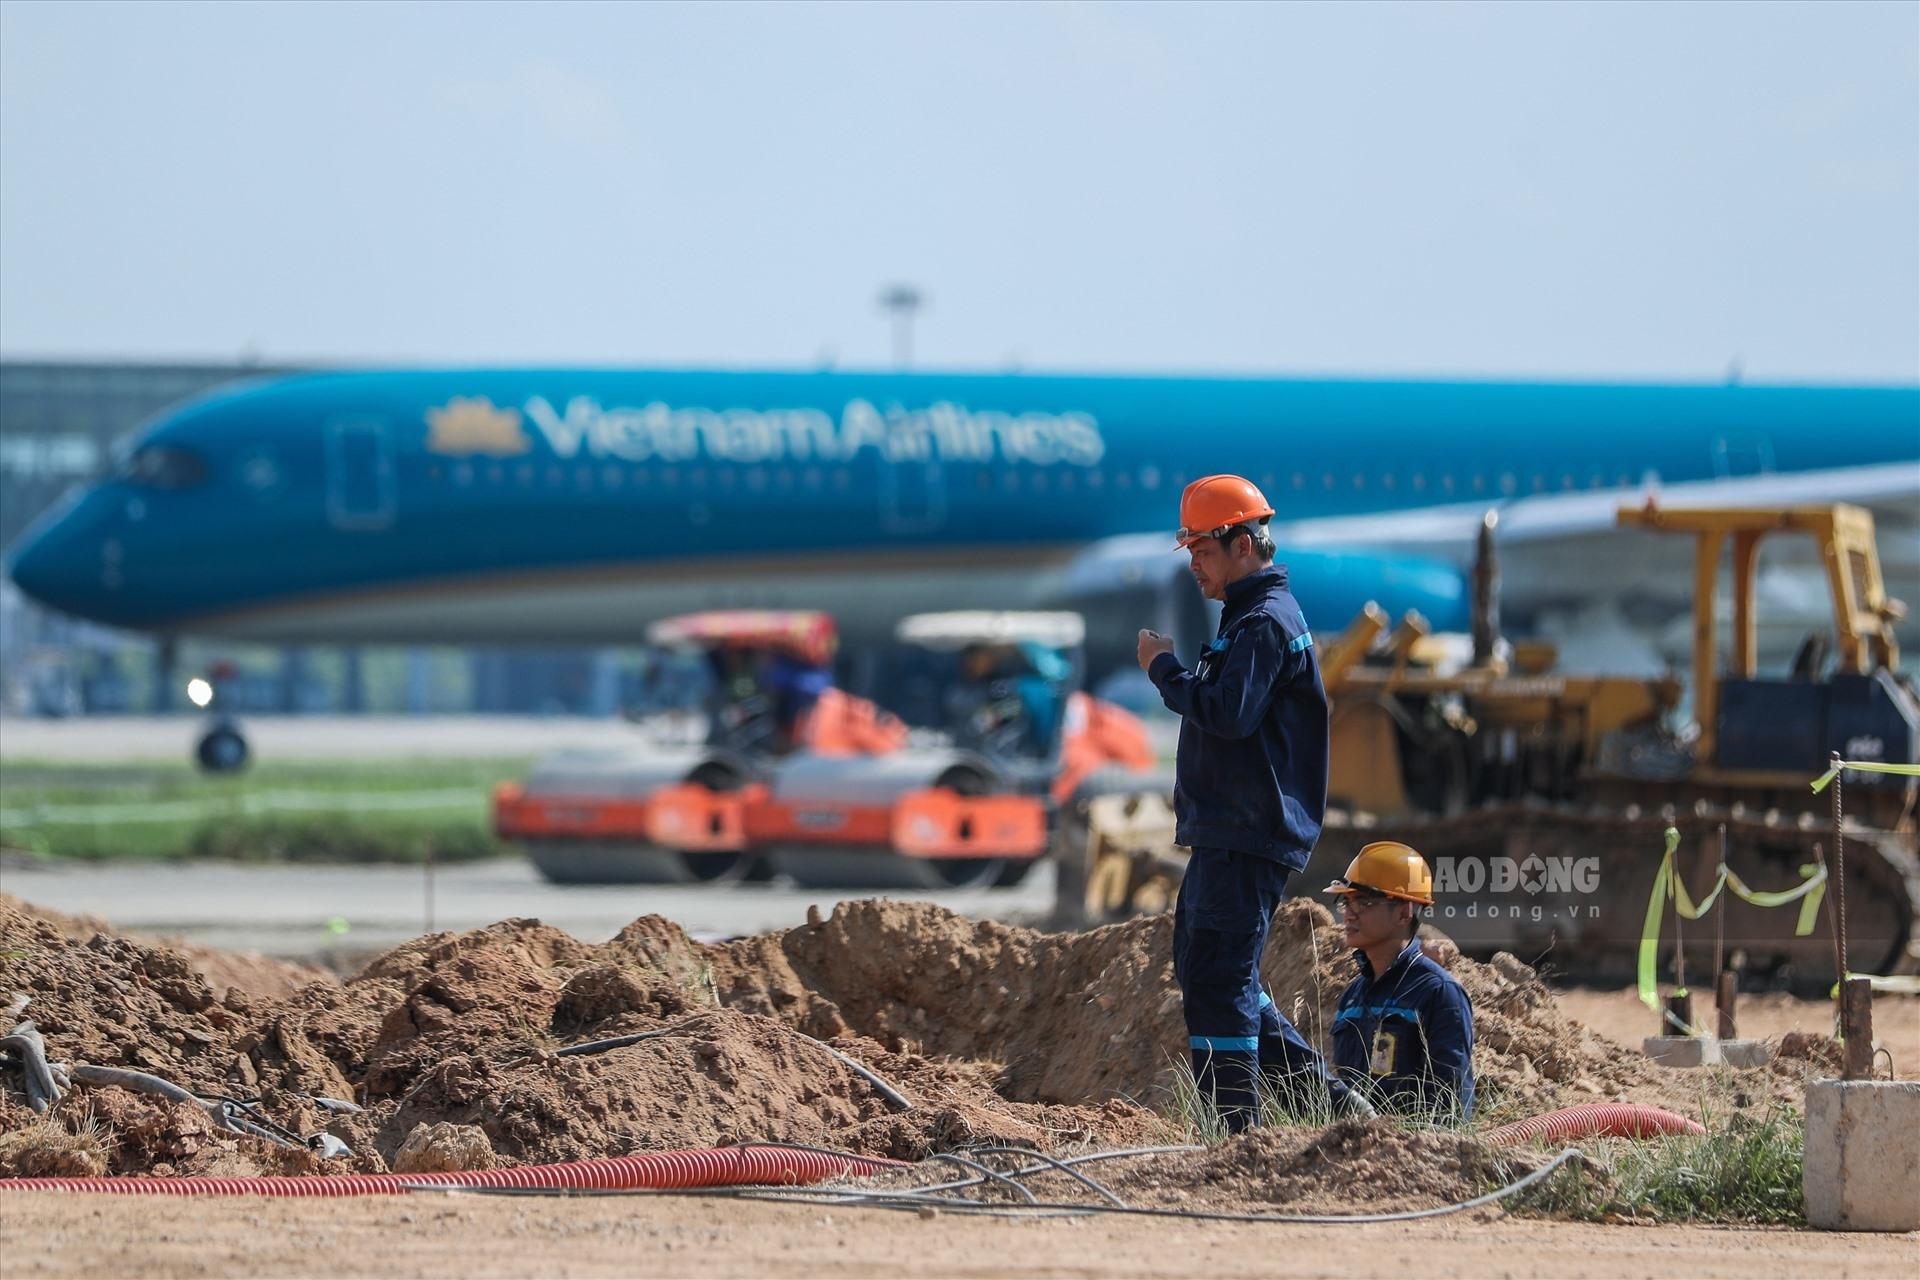 Sửa đường băng sân bay: Công nhân đội nắng 60 độ C chạy đua với thời gian